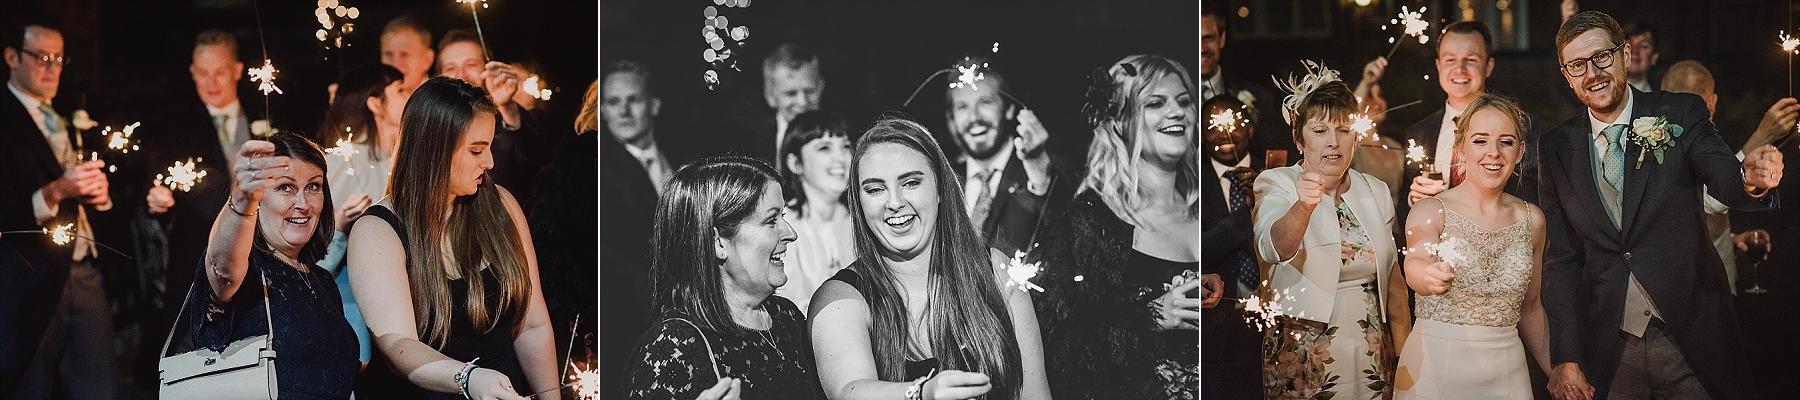 ROZ_RICH_curradine_wedding_0096.jpg